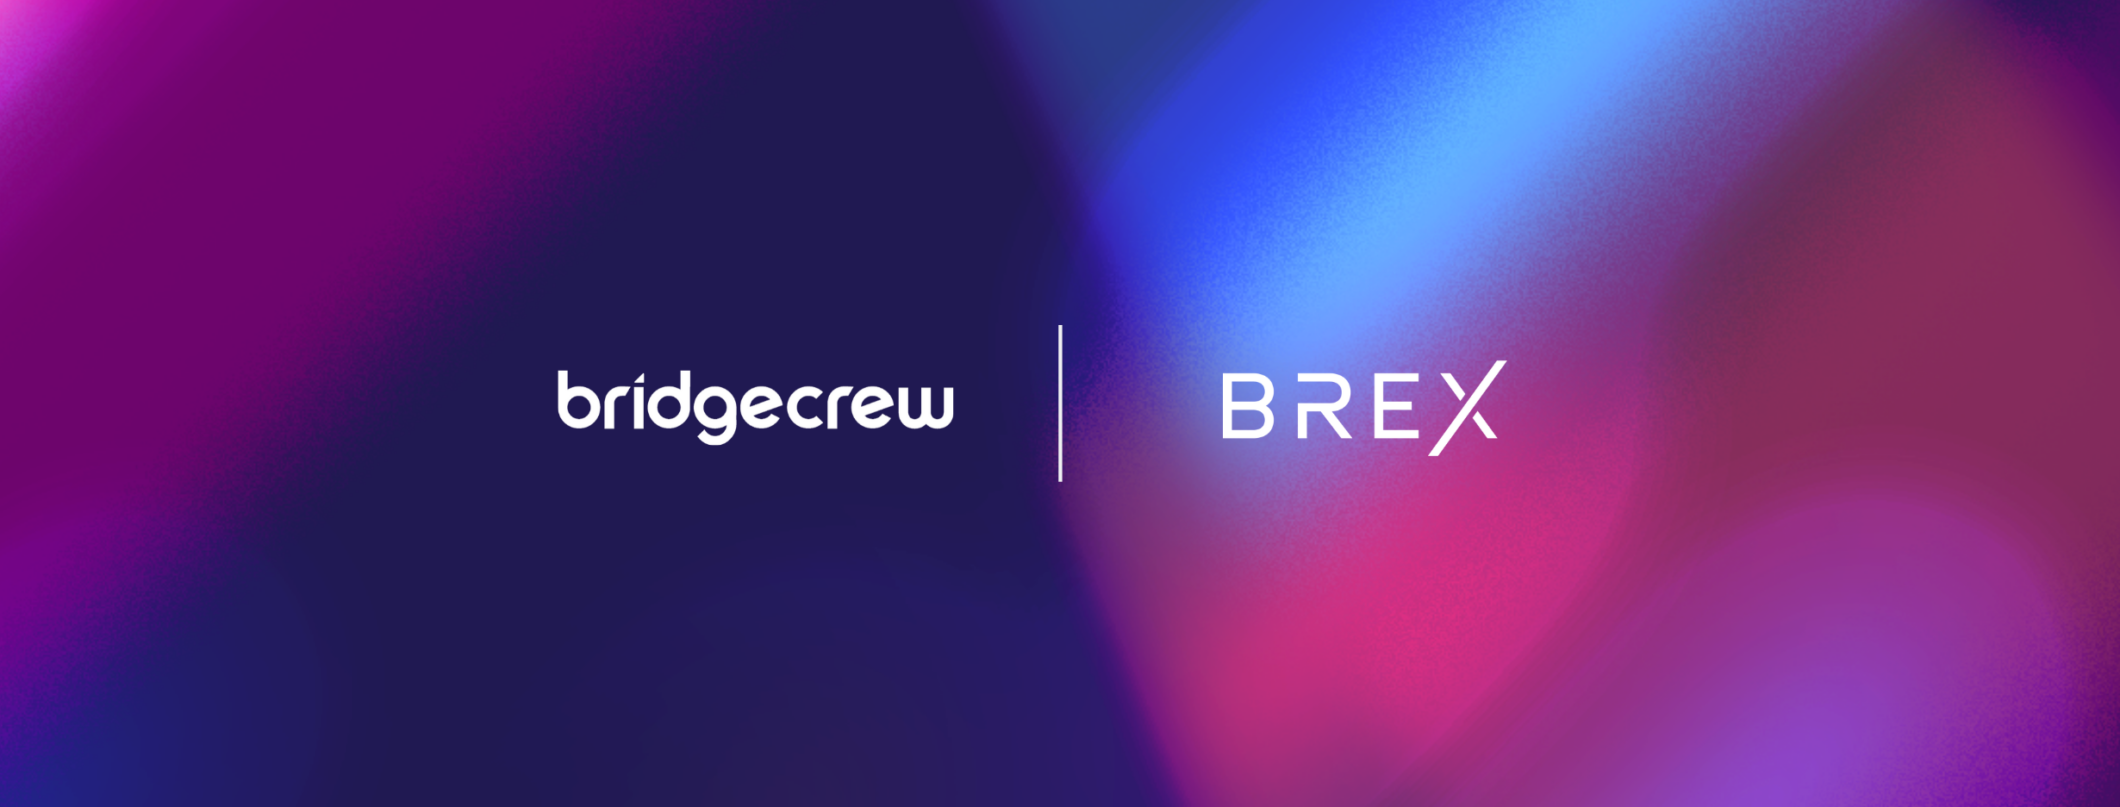 Bridgecrew and Brex logo